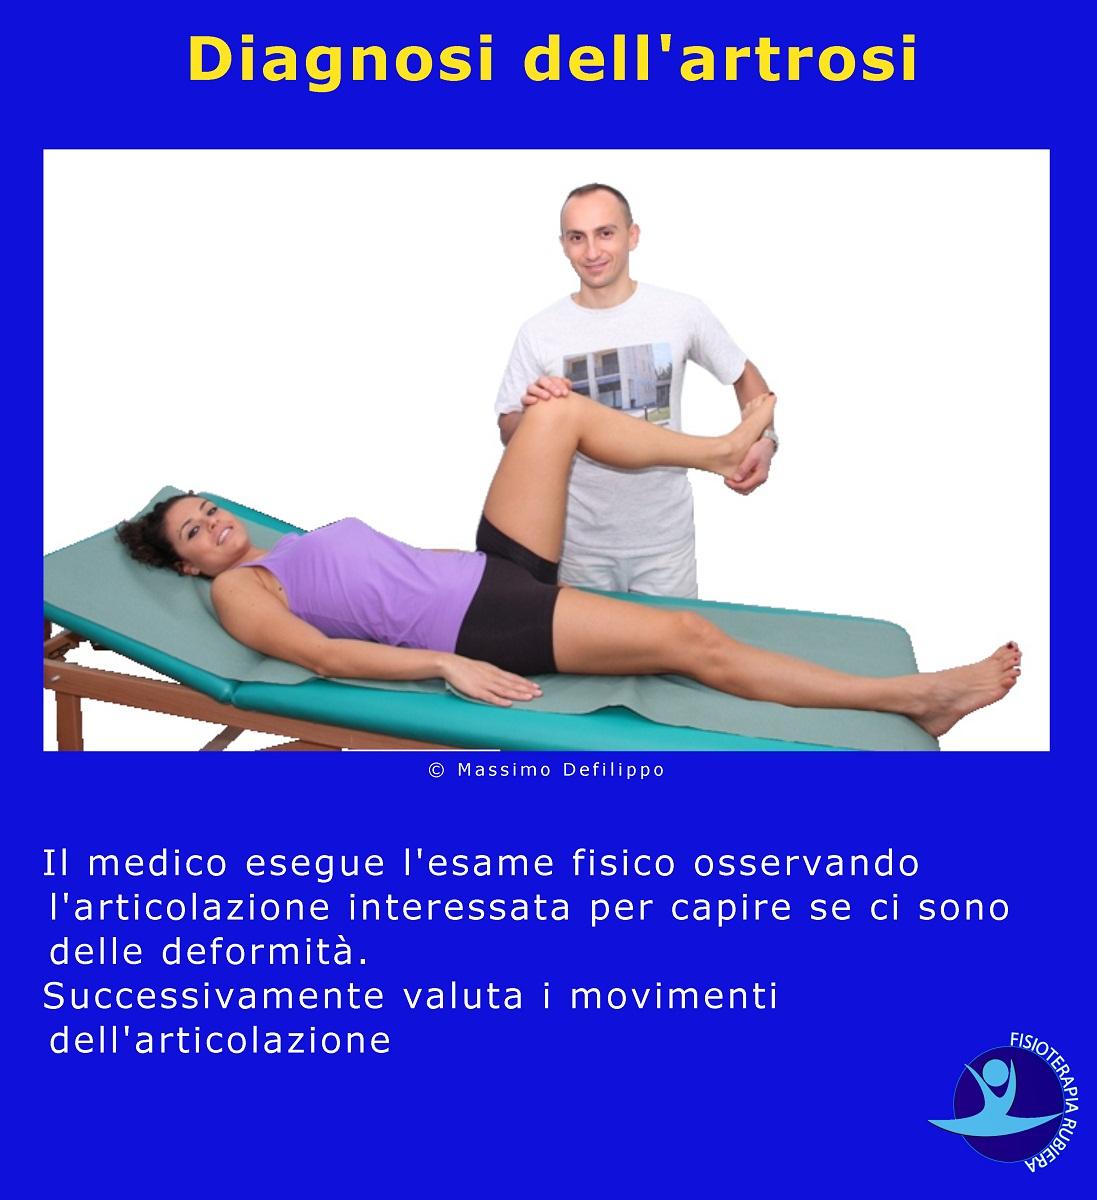 Diagnosi dell'artrosi